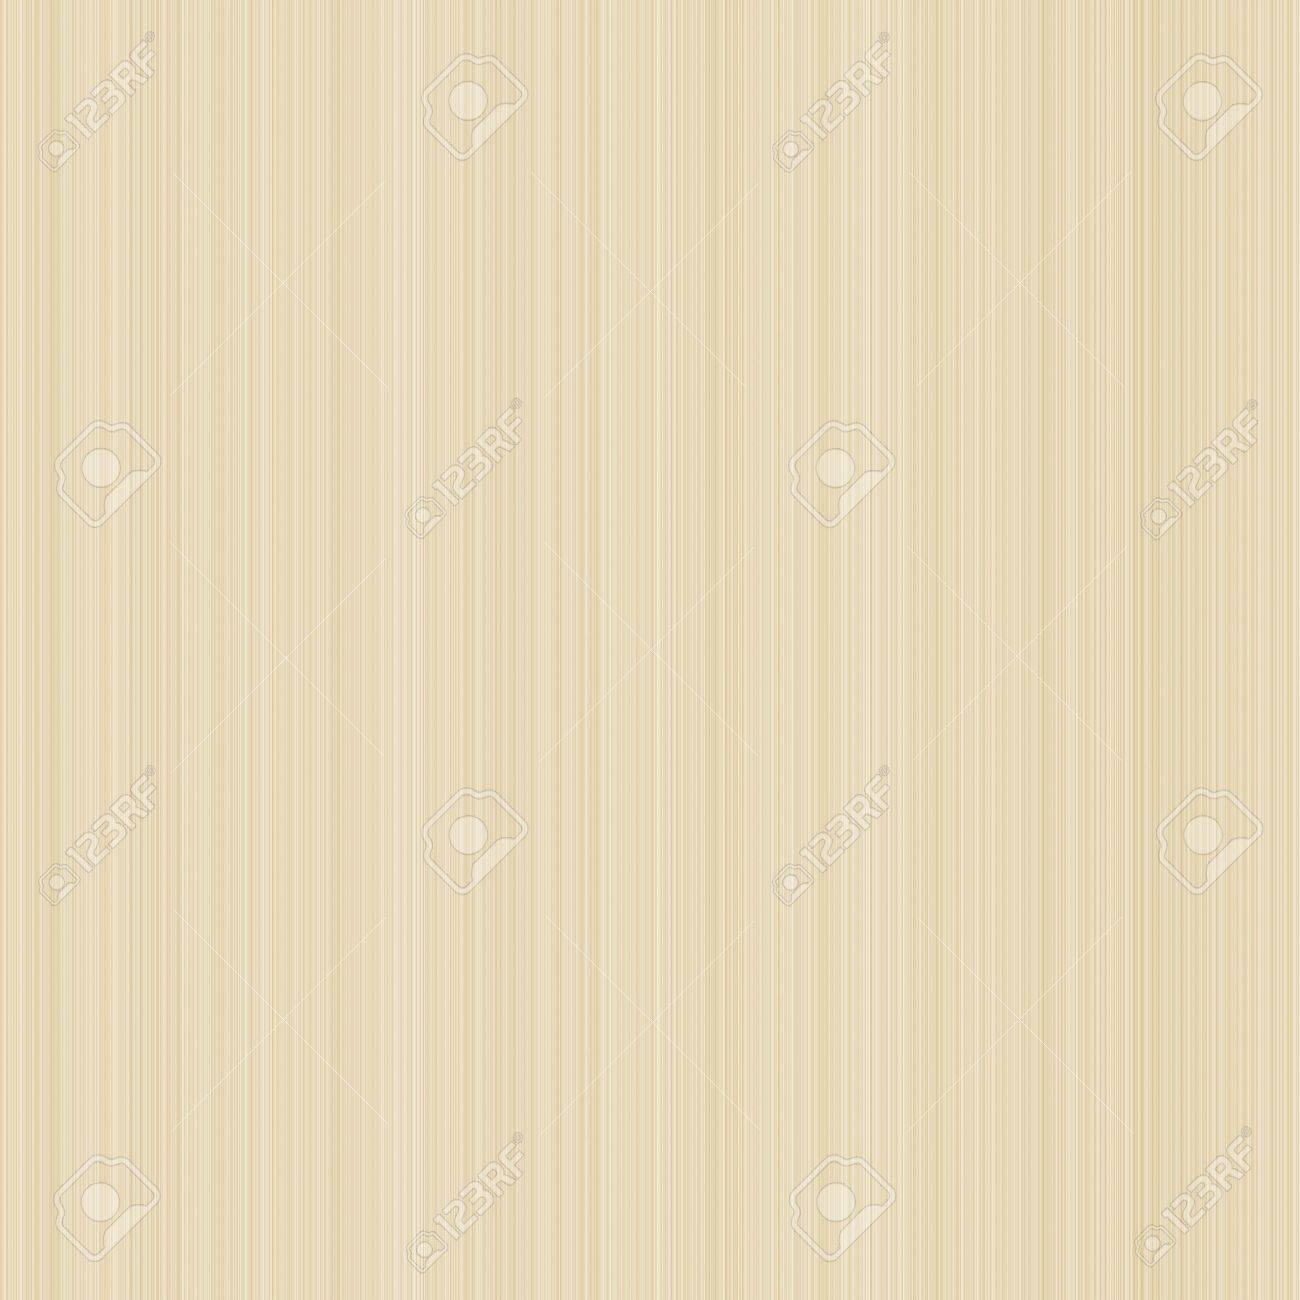 Download Wallpaper High Resolution Wood - 13086105-high-resolution-artificial-seamless-wooden-wallpaper  Pic_674785.jpg